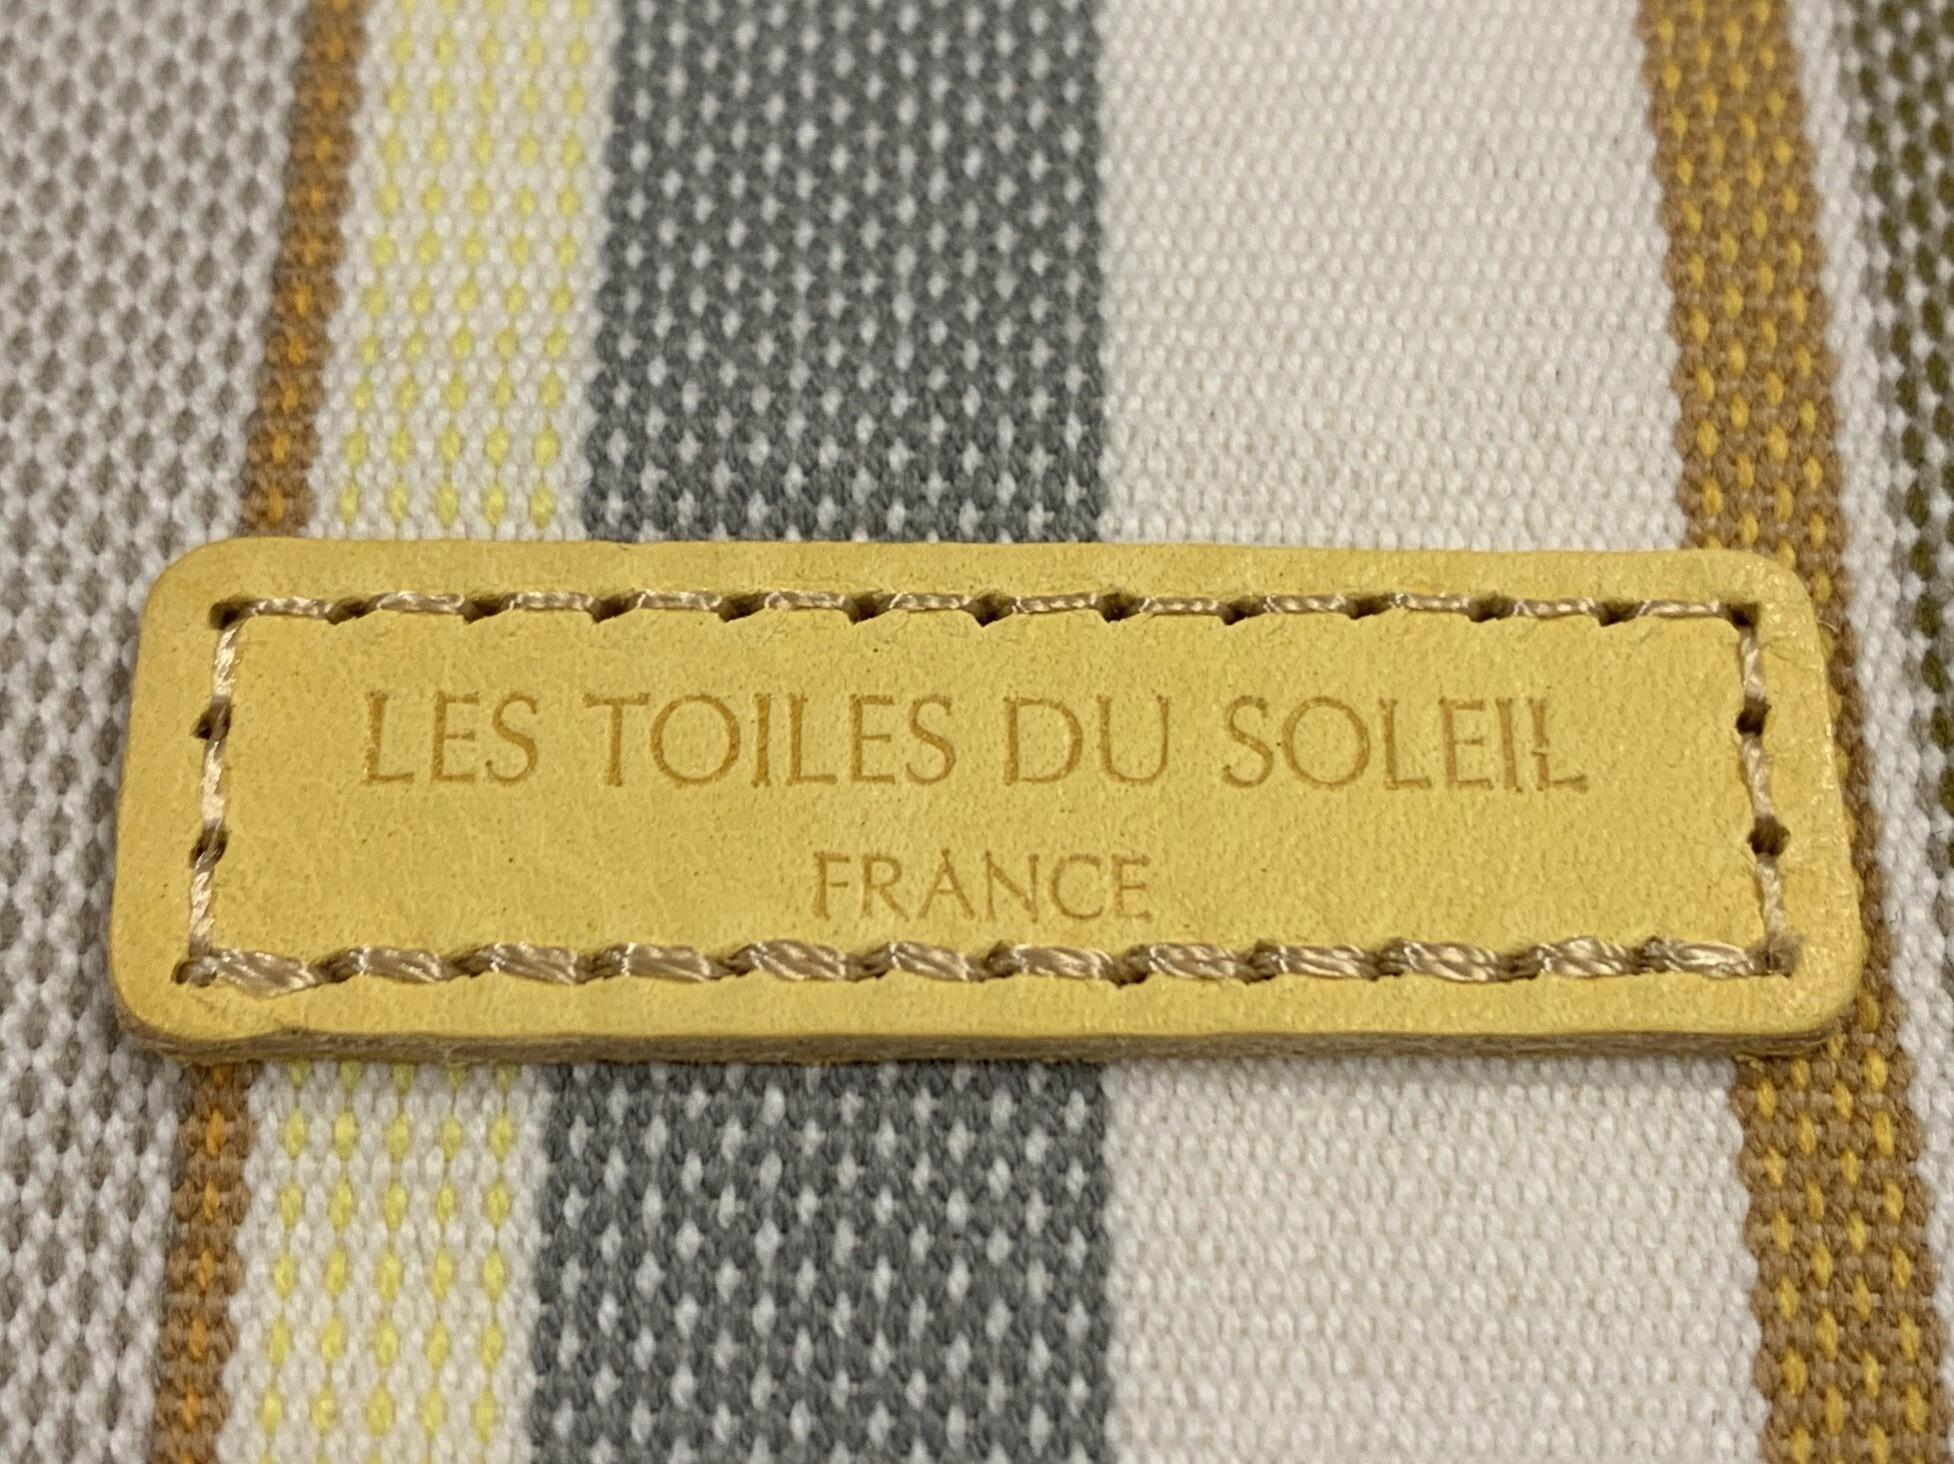 【LES TOILES DU SOLEIL】レザーミニウォレット Pt Trianon イエロー